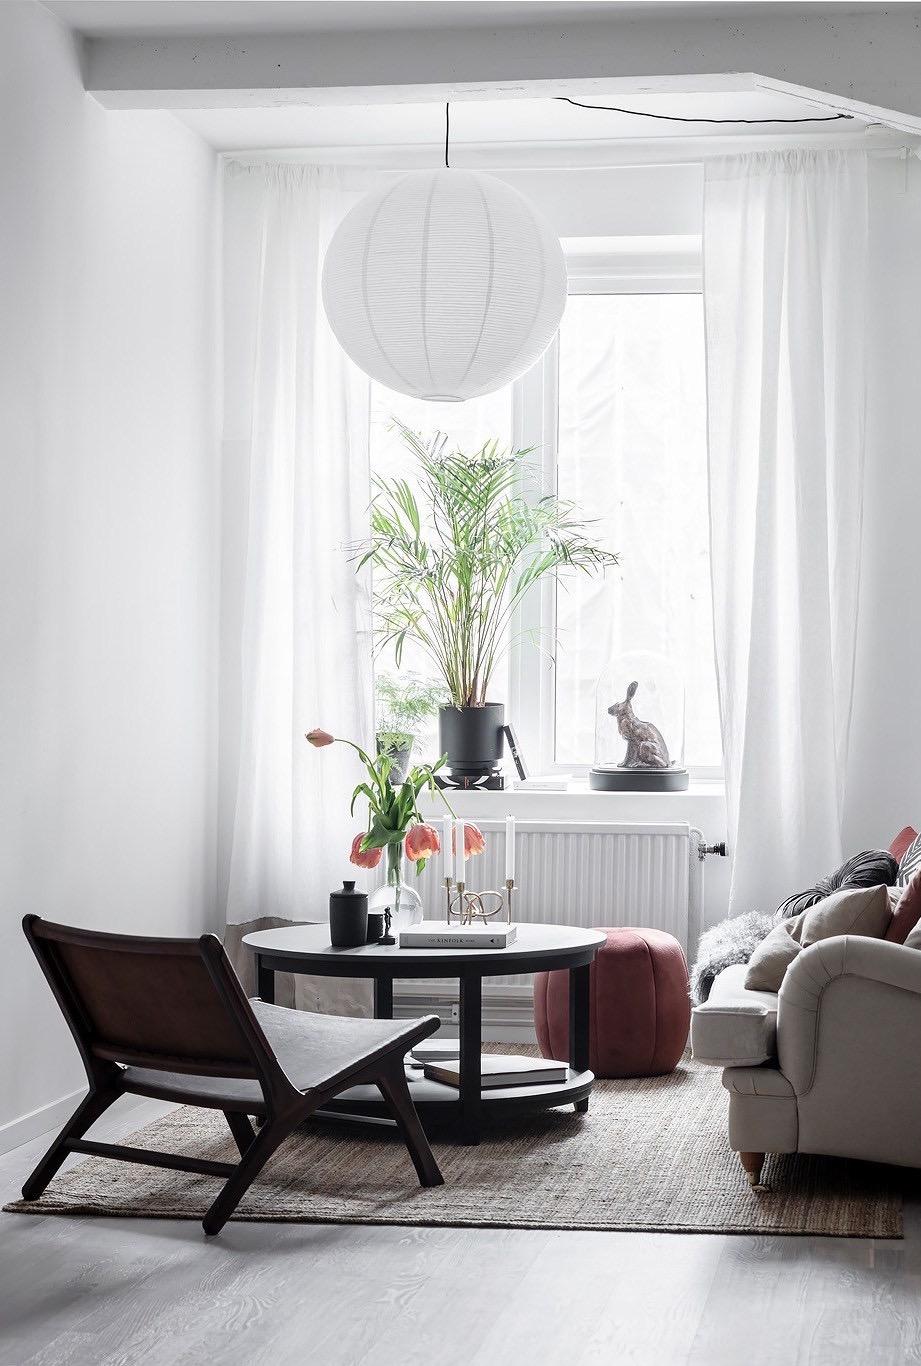 Existem diversos modelos de puff redondo, escolha aquele que combine melhor com a decoração da sua casa.